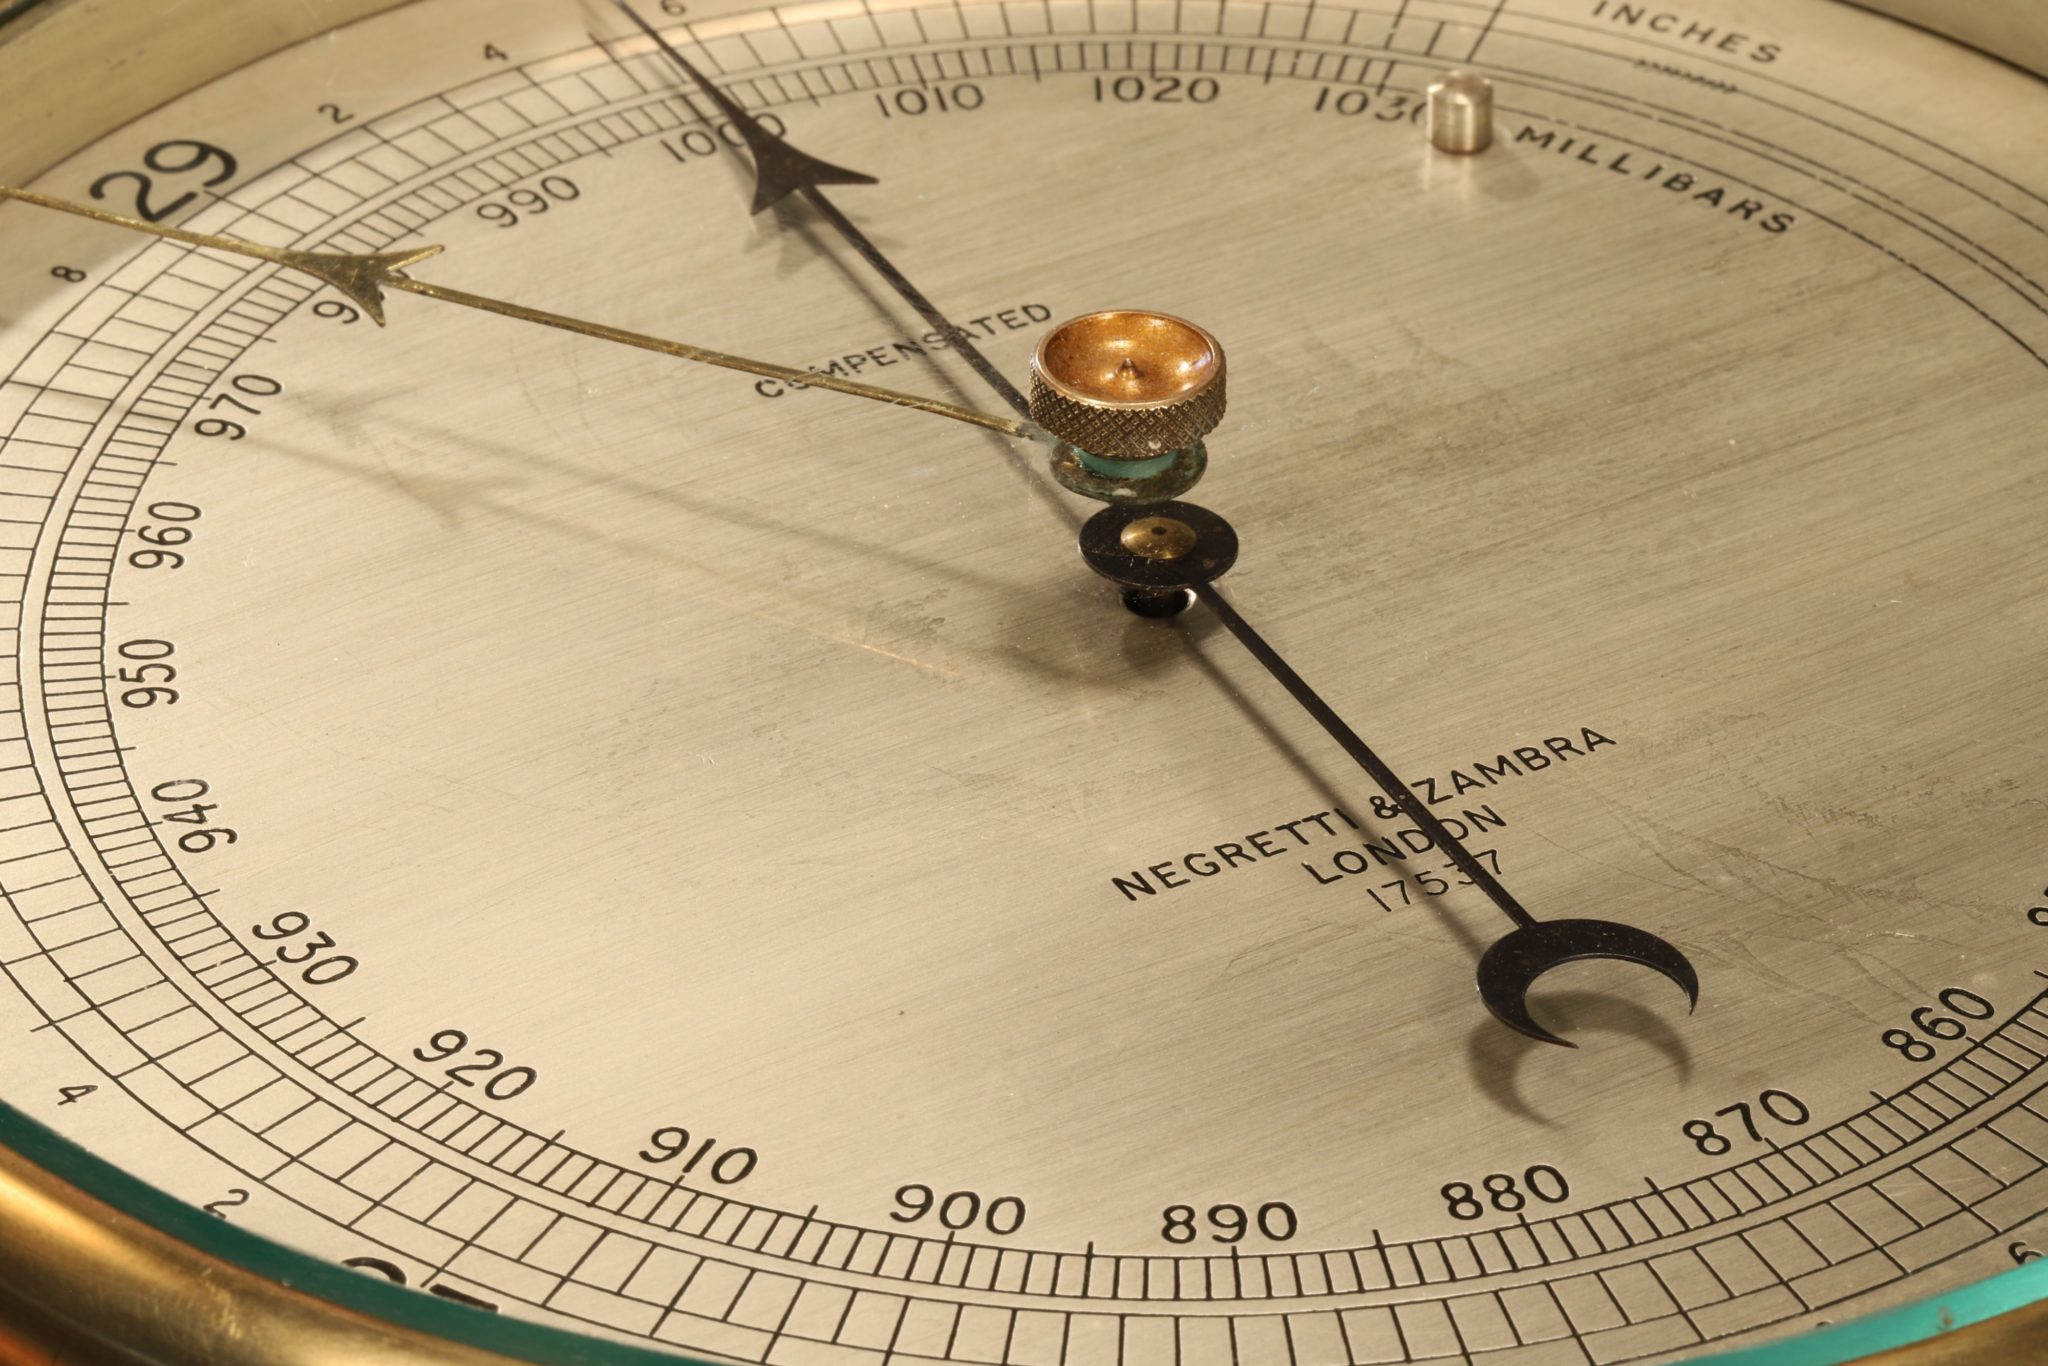 Image of Negretti & Zambra Submarine Barometer No 17537 c1940